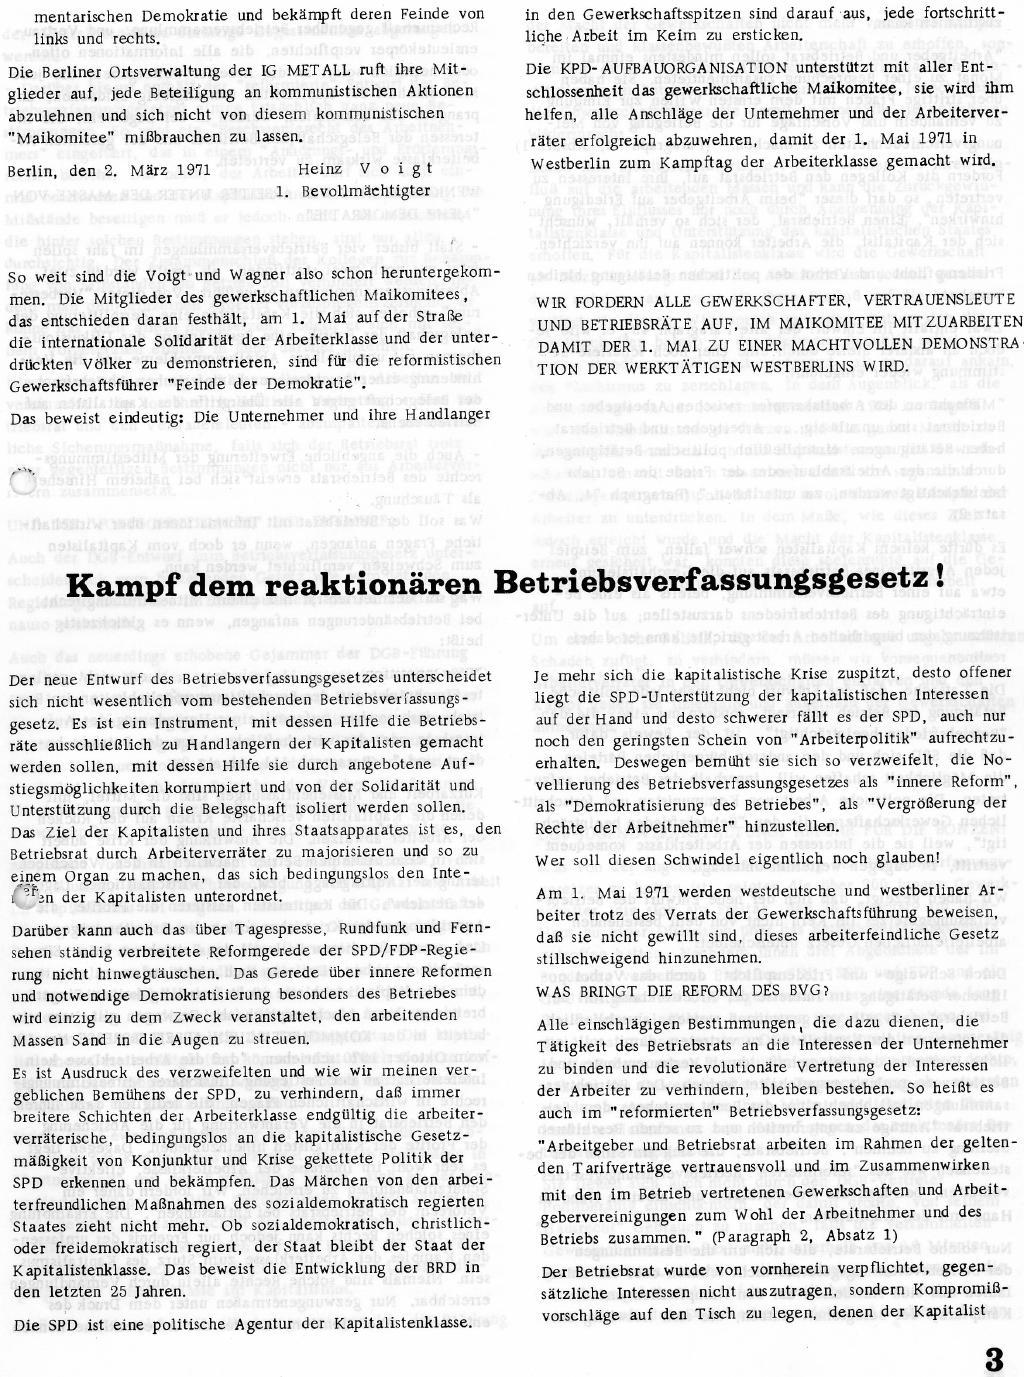 RPK_1971_106_03